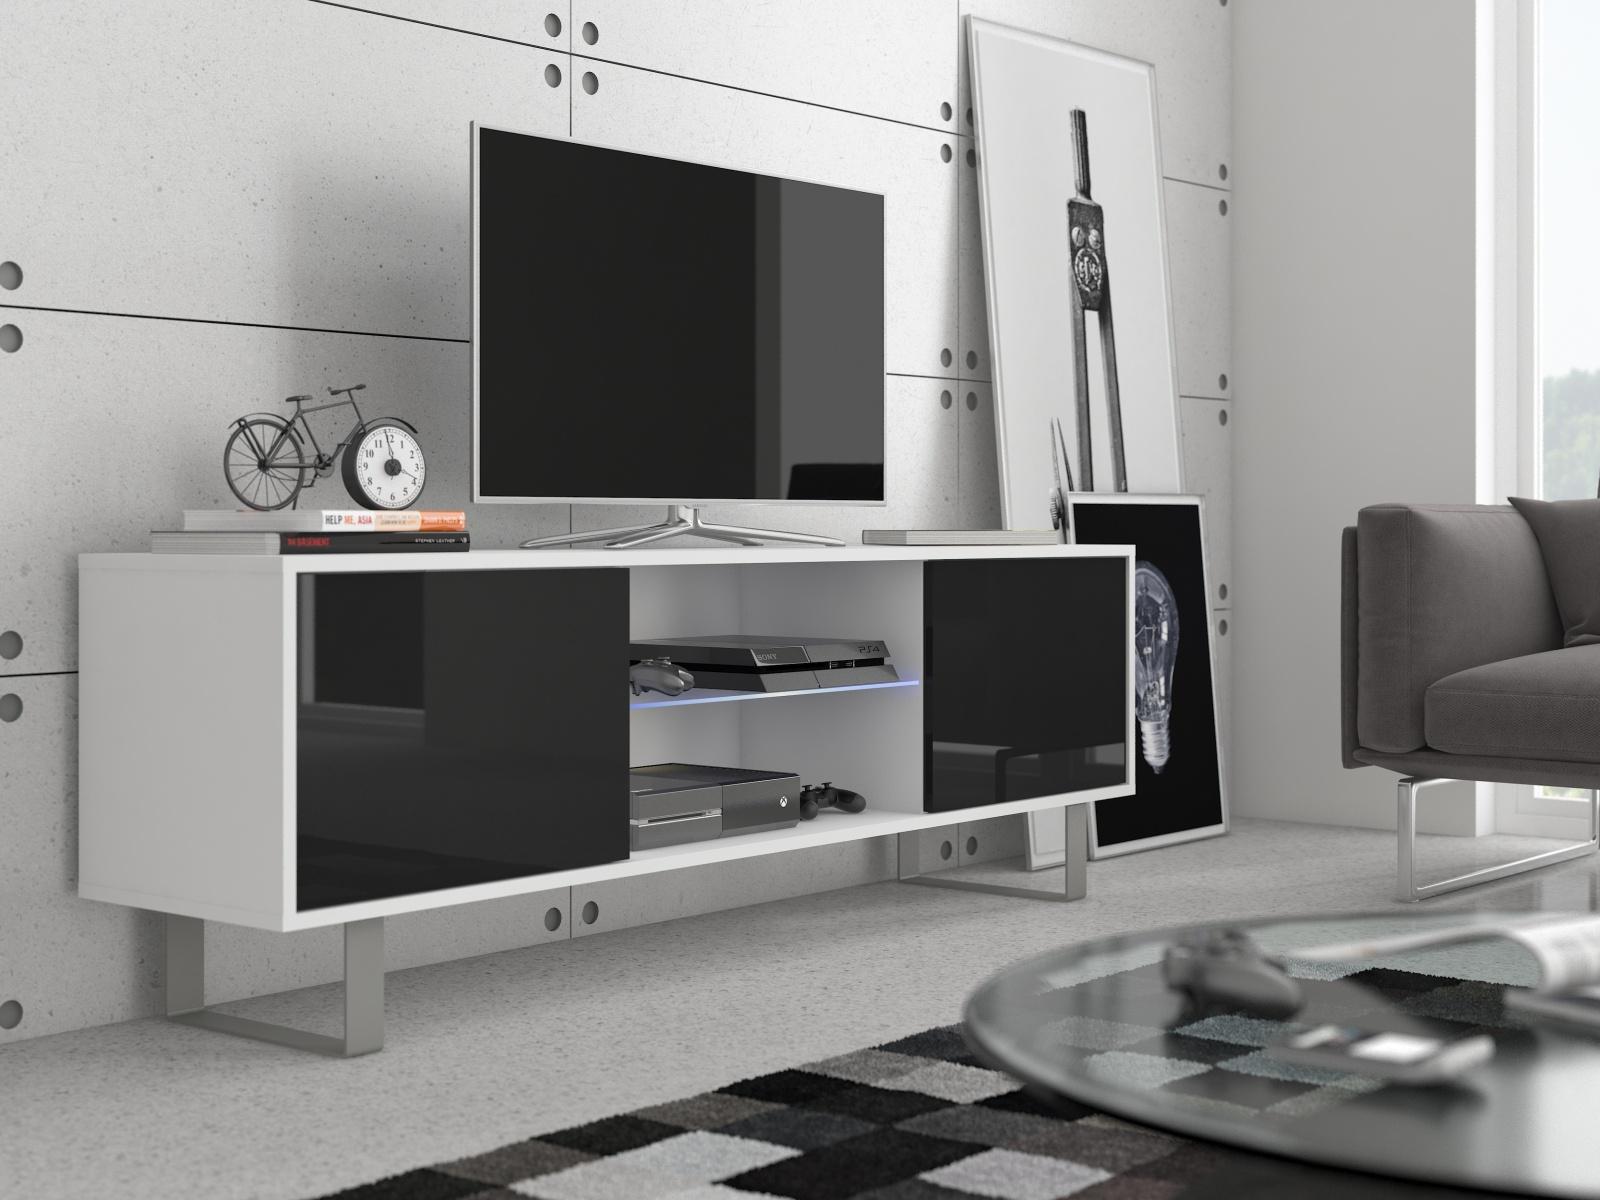 MORAVIA FLAT KING 2 TV stolek, bílá/černý lesk